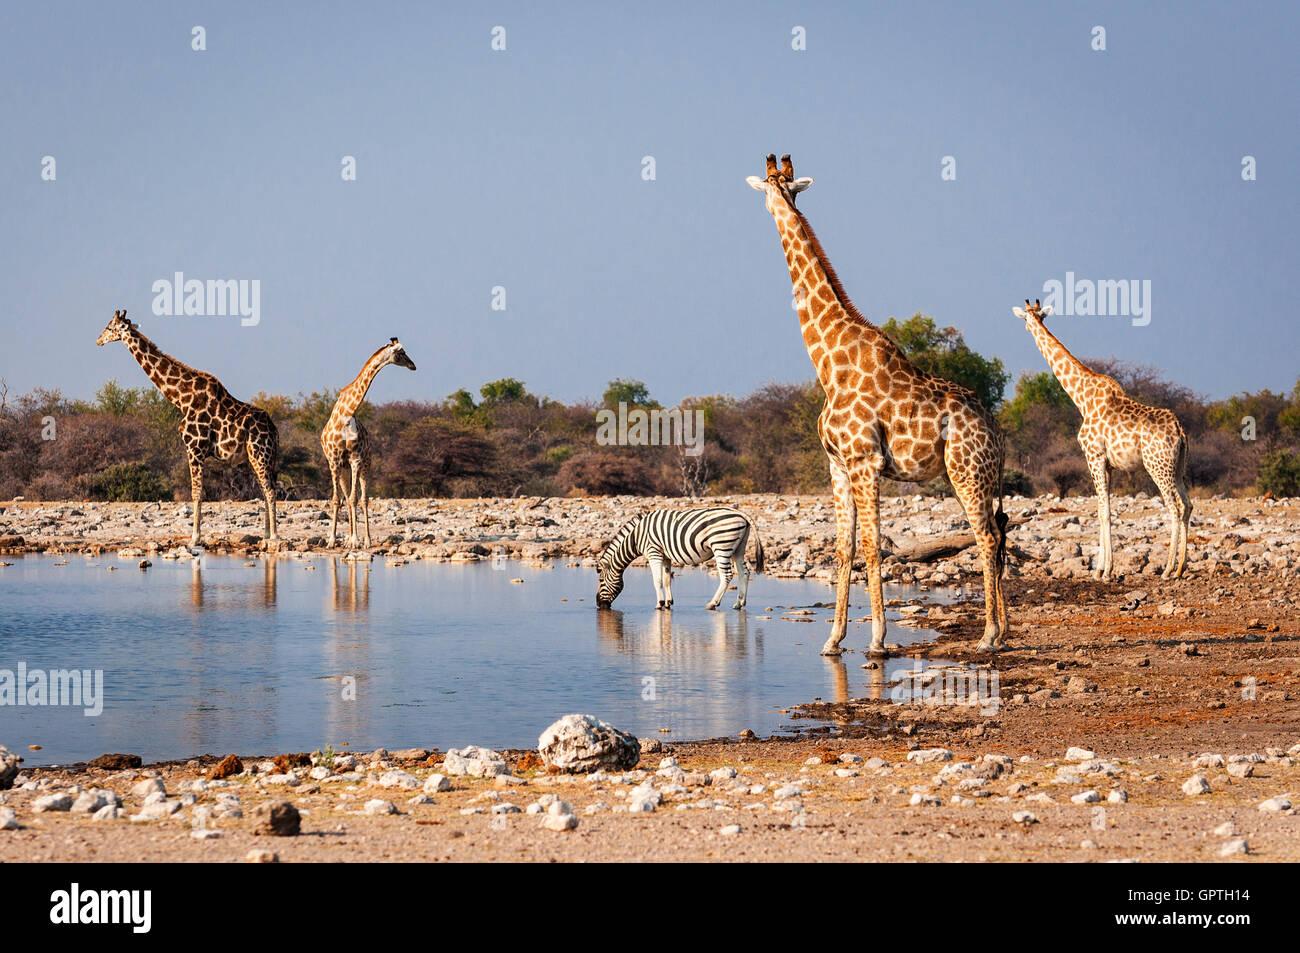 Groupe d'animaux sauvages à proximité d'un étang dans le Parc National d'Etosha, en Namibie; Photo Stock